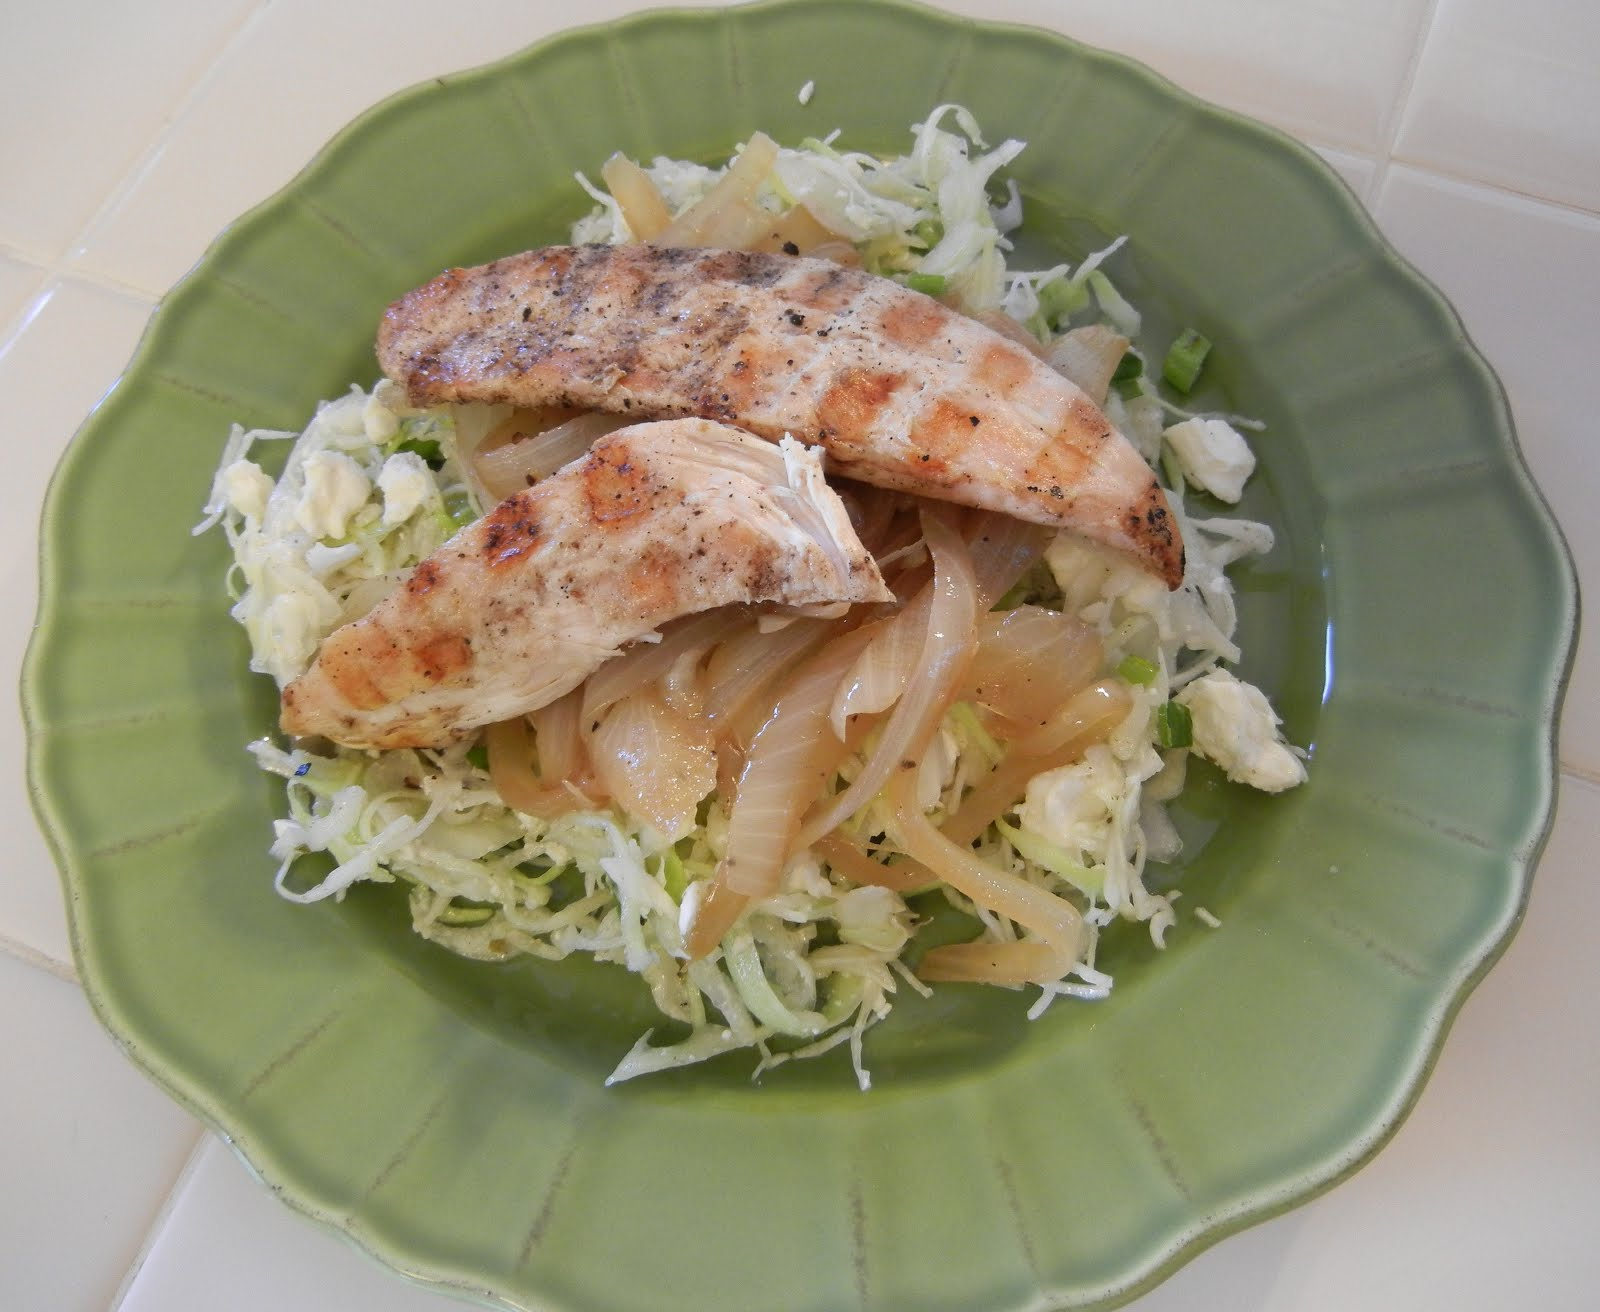 Zoe S Kitchen Protein Plate